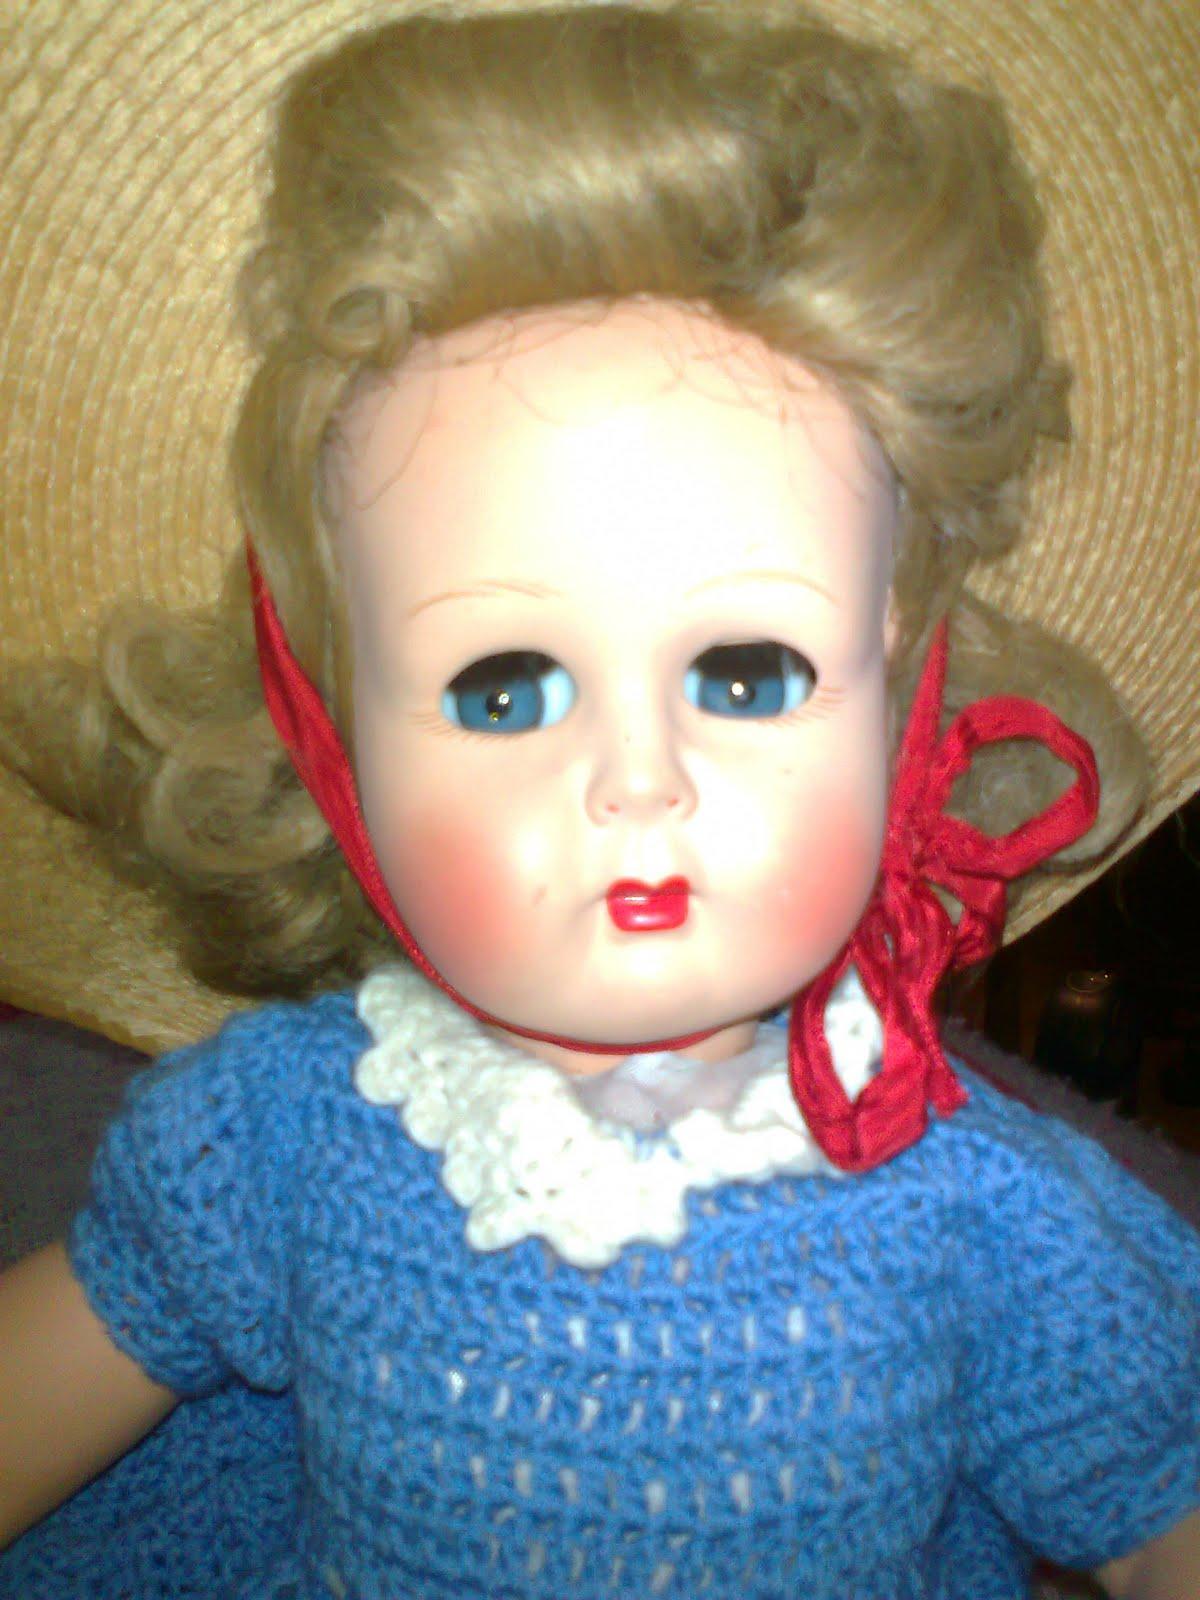 Bambola Pupazzo Bambolotti E Accessori Bambole E Accessori Precise Bambolina Porcellain Doll